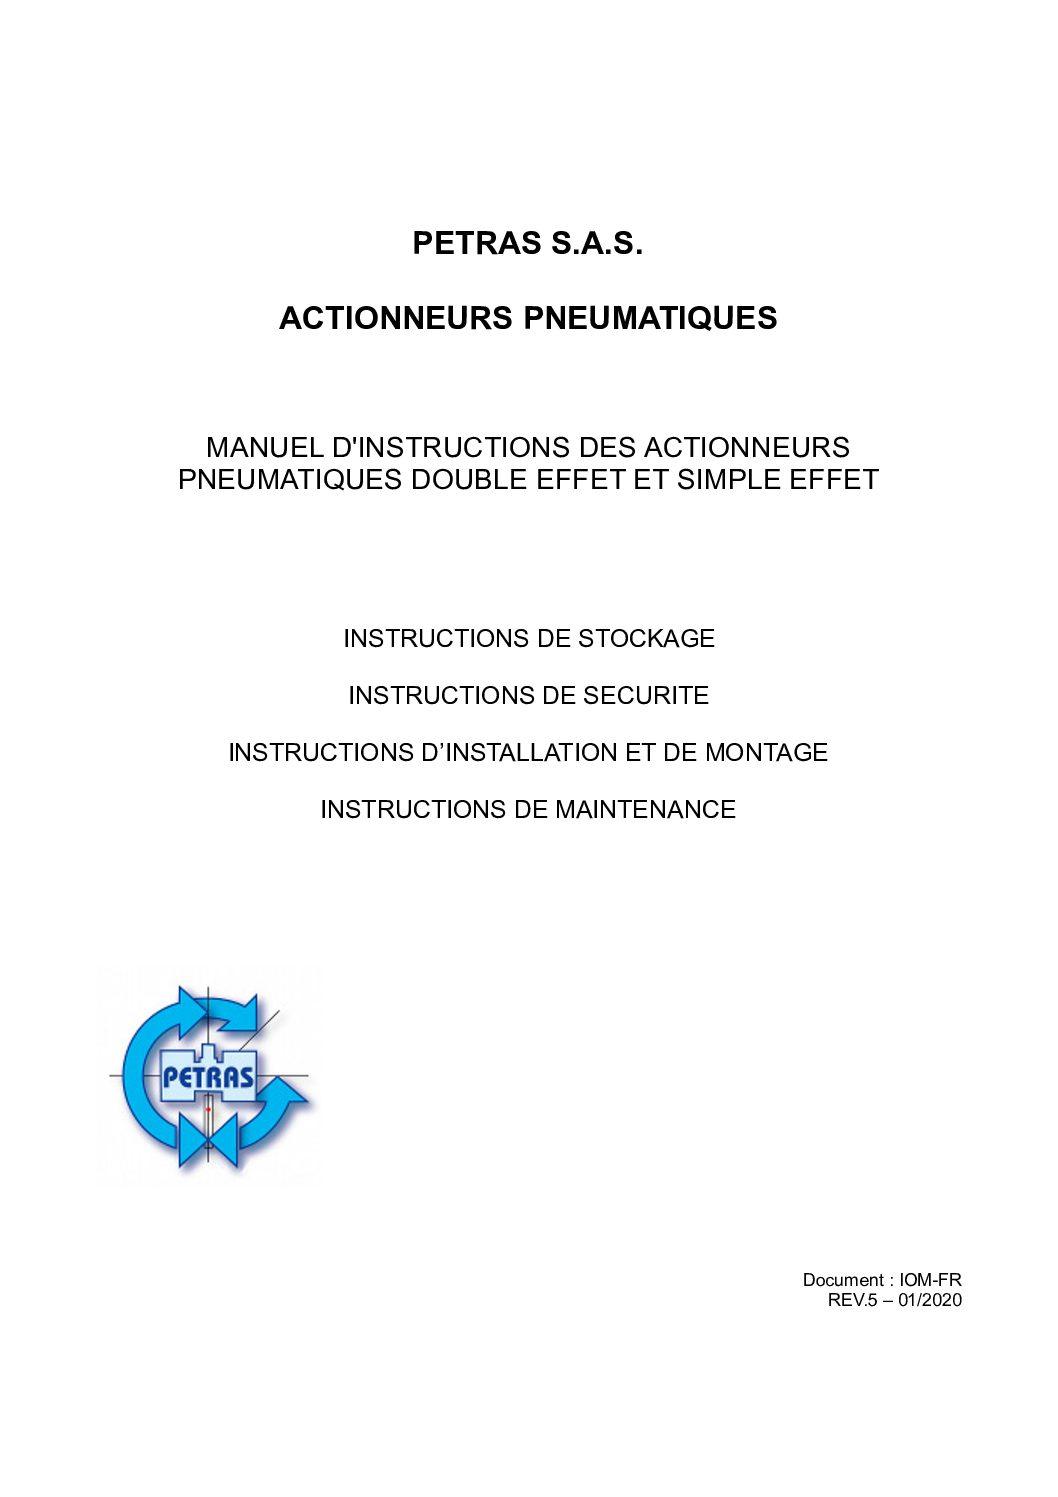 Manuel actionneurs pneumatiques